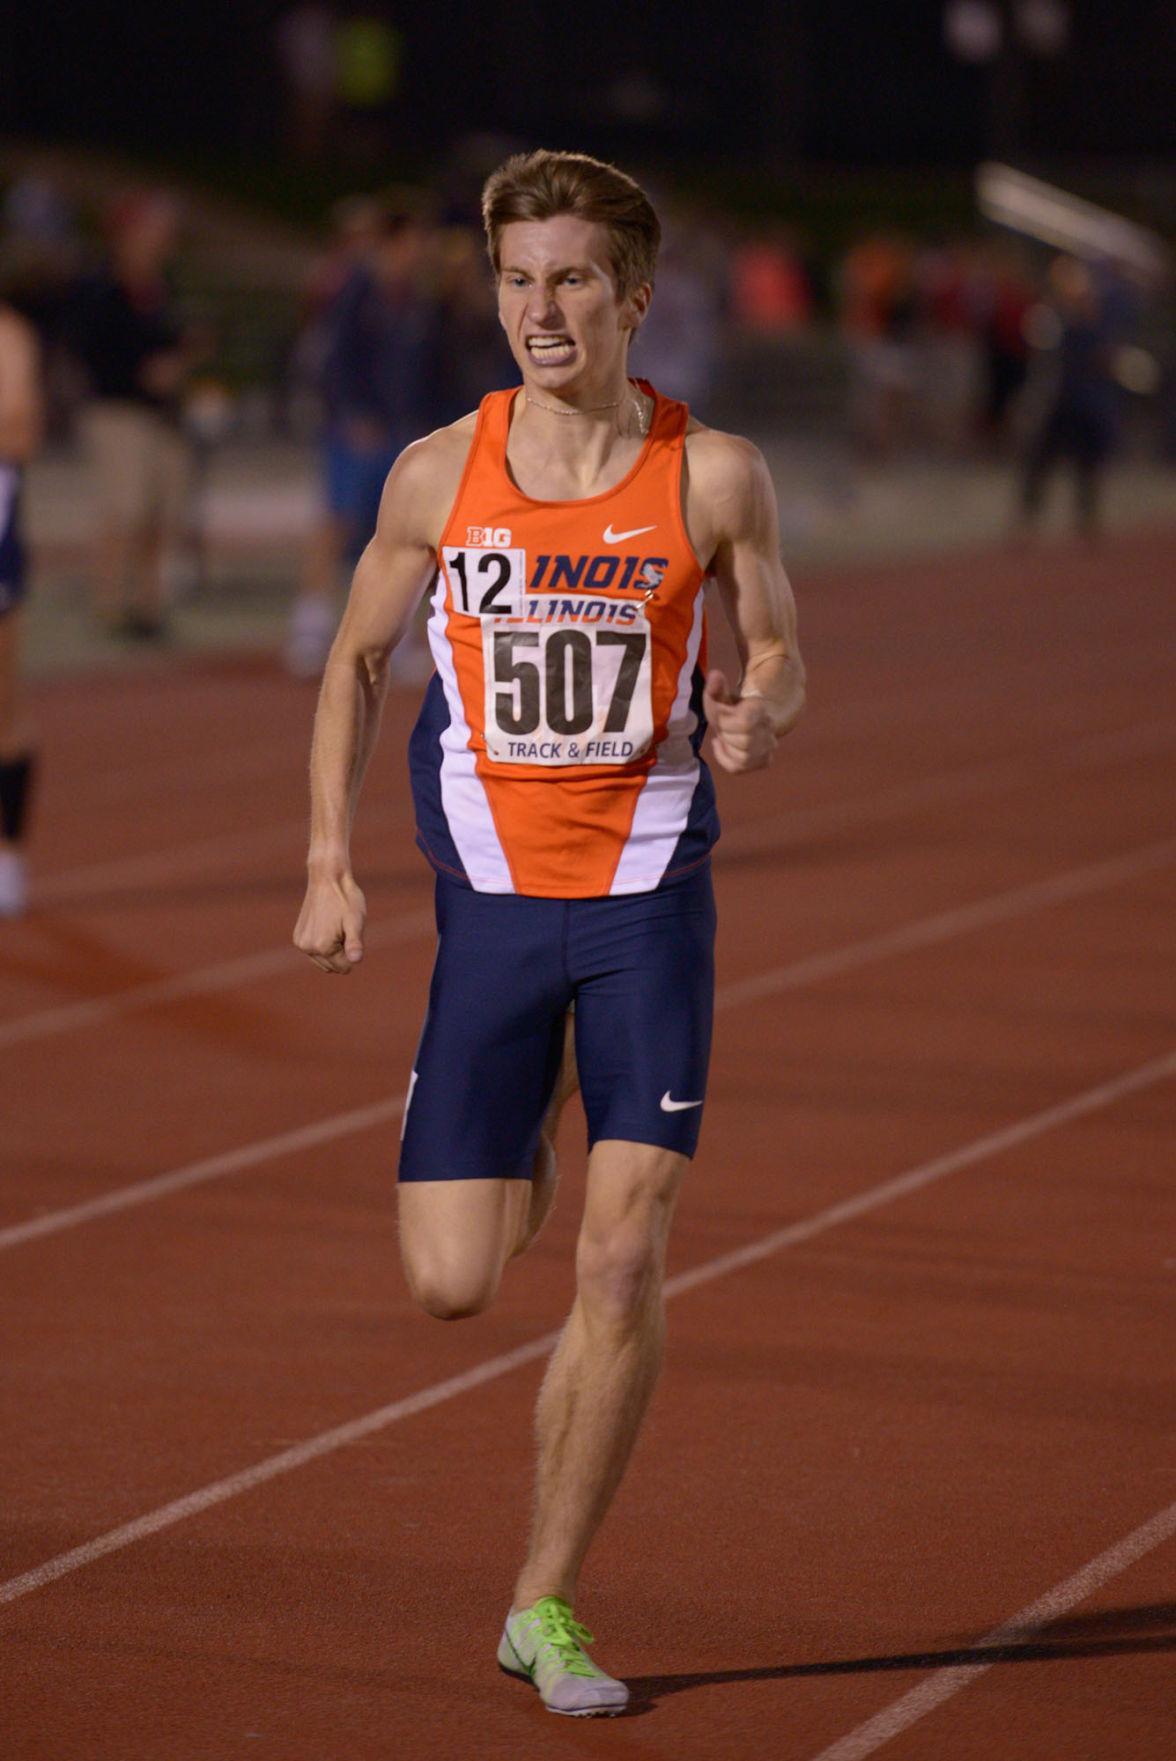 Illinois' Ian Barnett keeps a brisk pace in the men's 1,500-meter run at the Illinois Twilight meet on April 18.